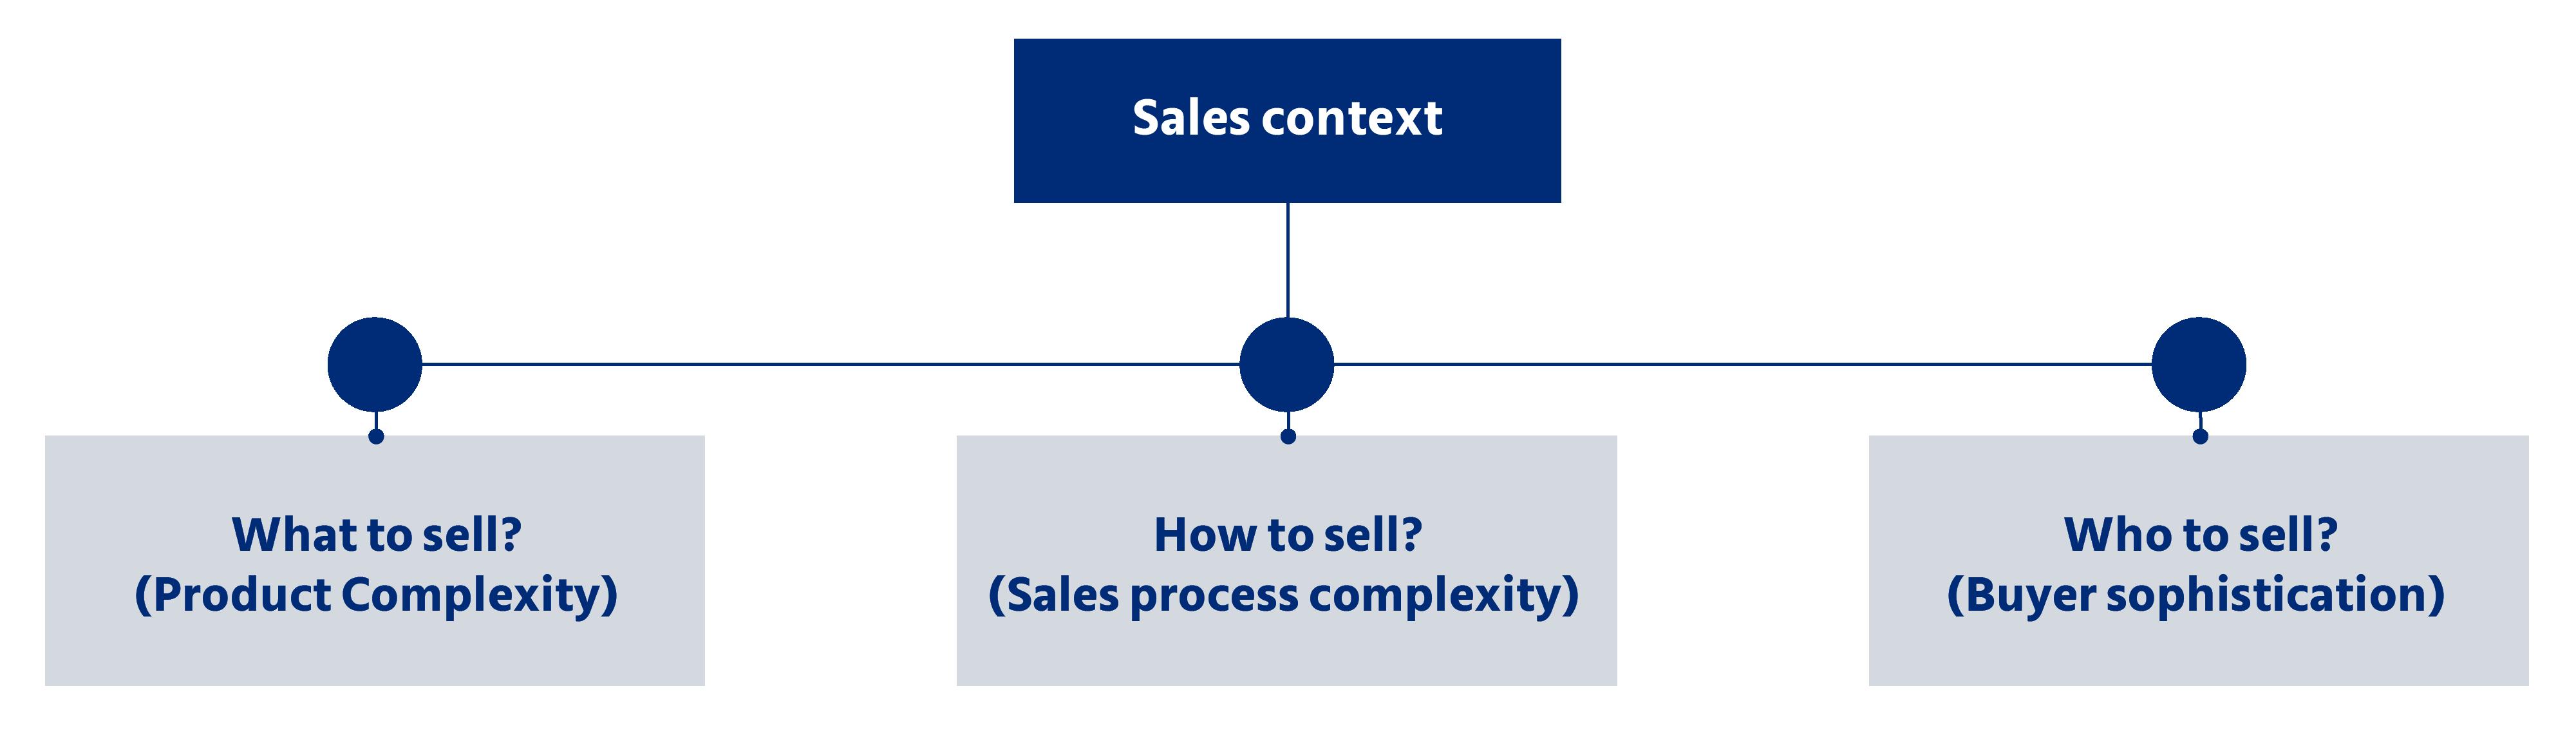 Sales context